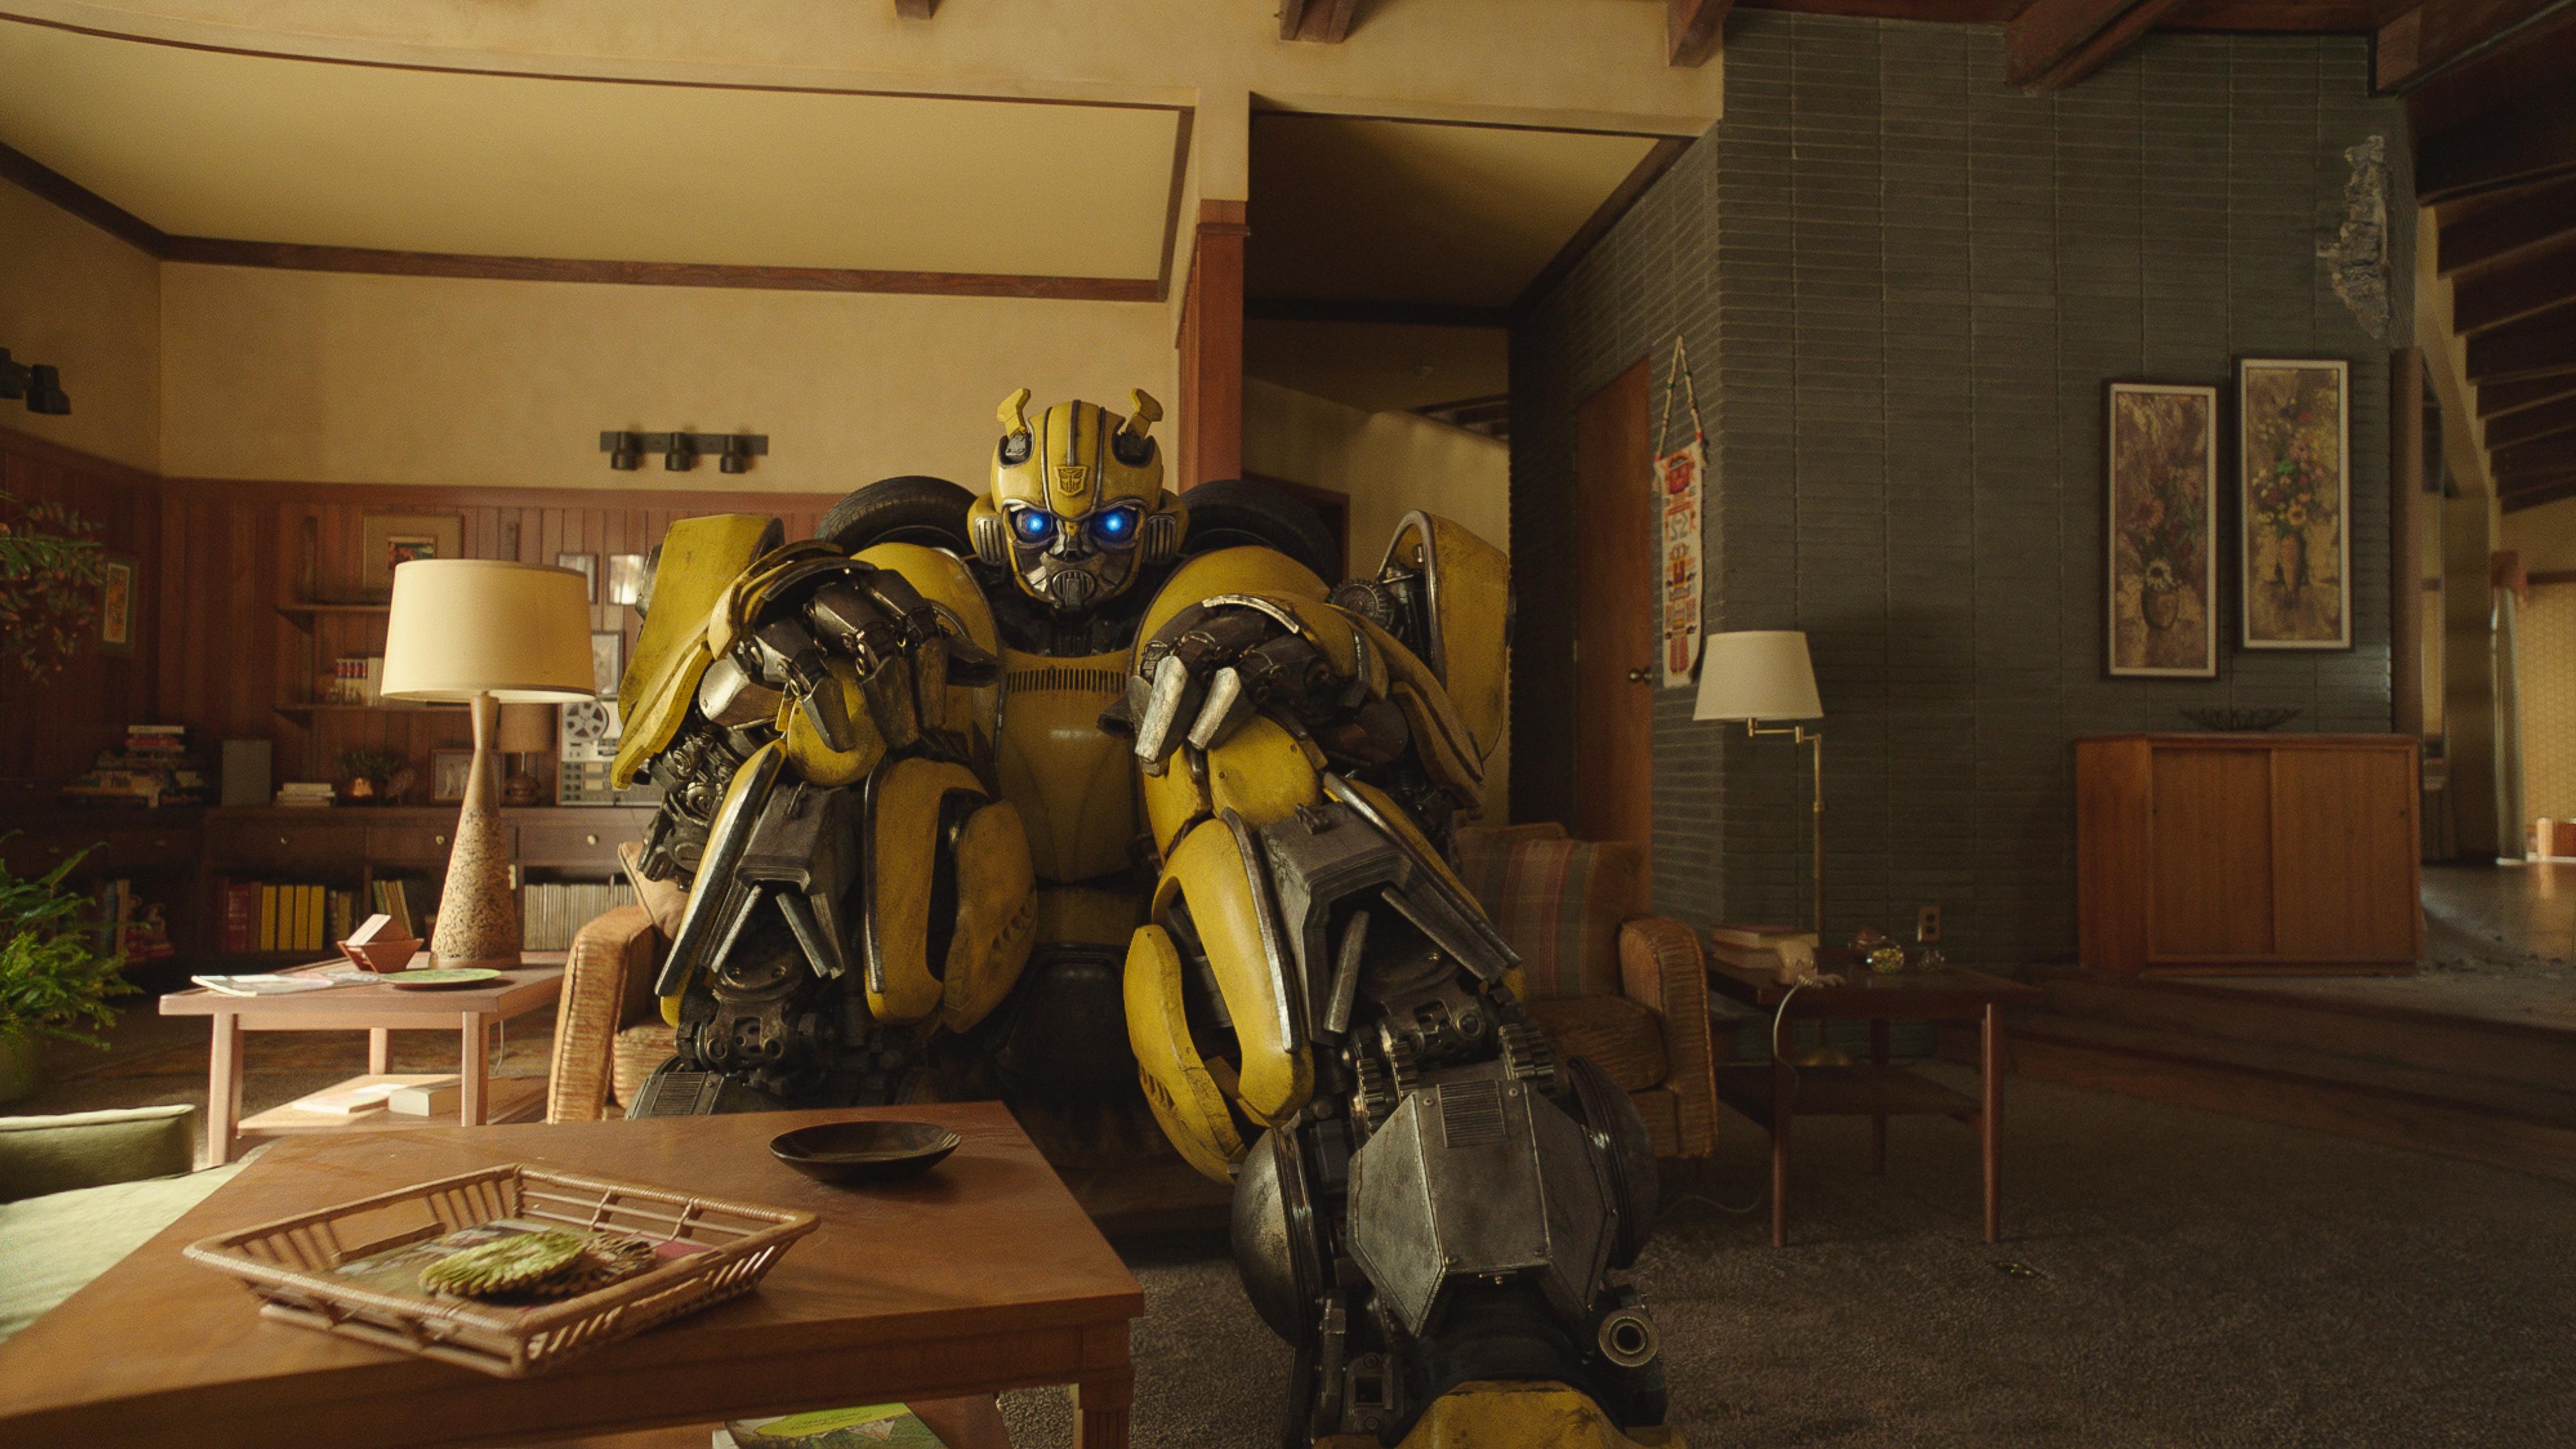 bumblebee movie 1539368587 - Bumblebee Movie - movies wallpapers, hd-wallpapers, bumblebee wallpapers, 4k-wallpapers, 2018-movies-wallpapers